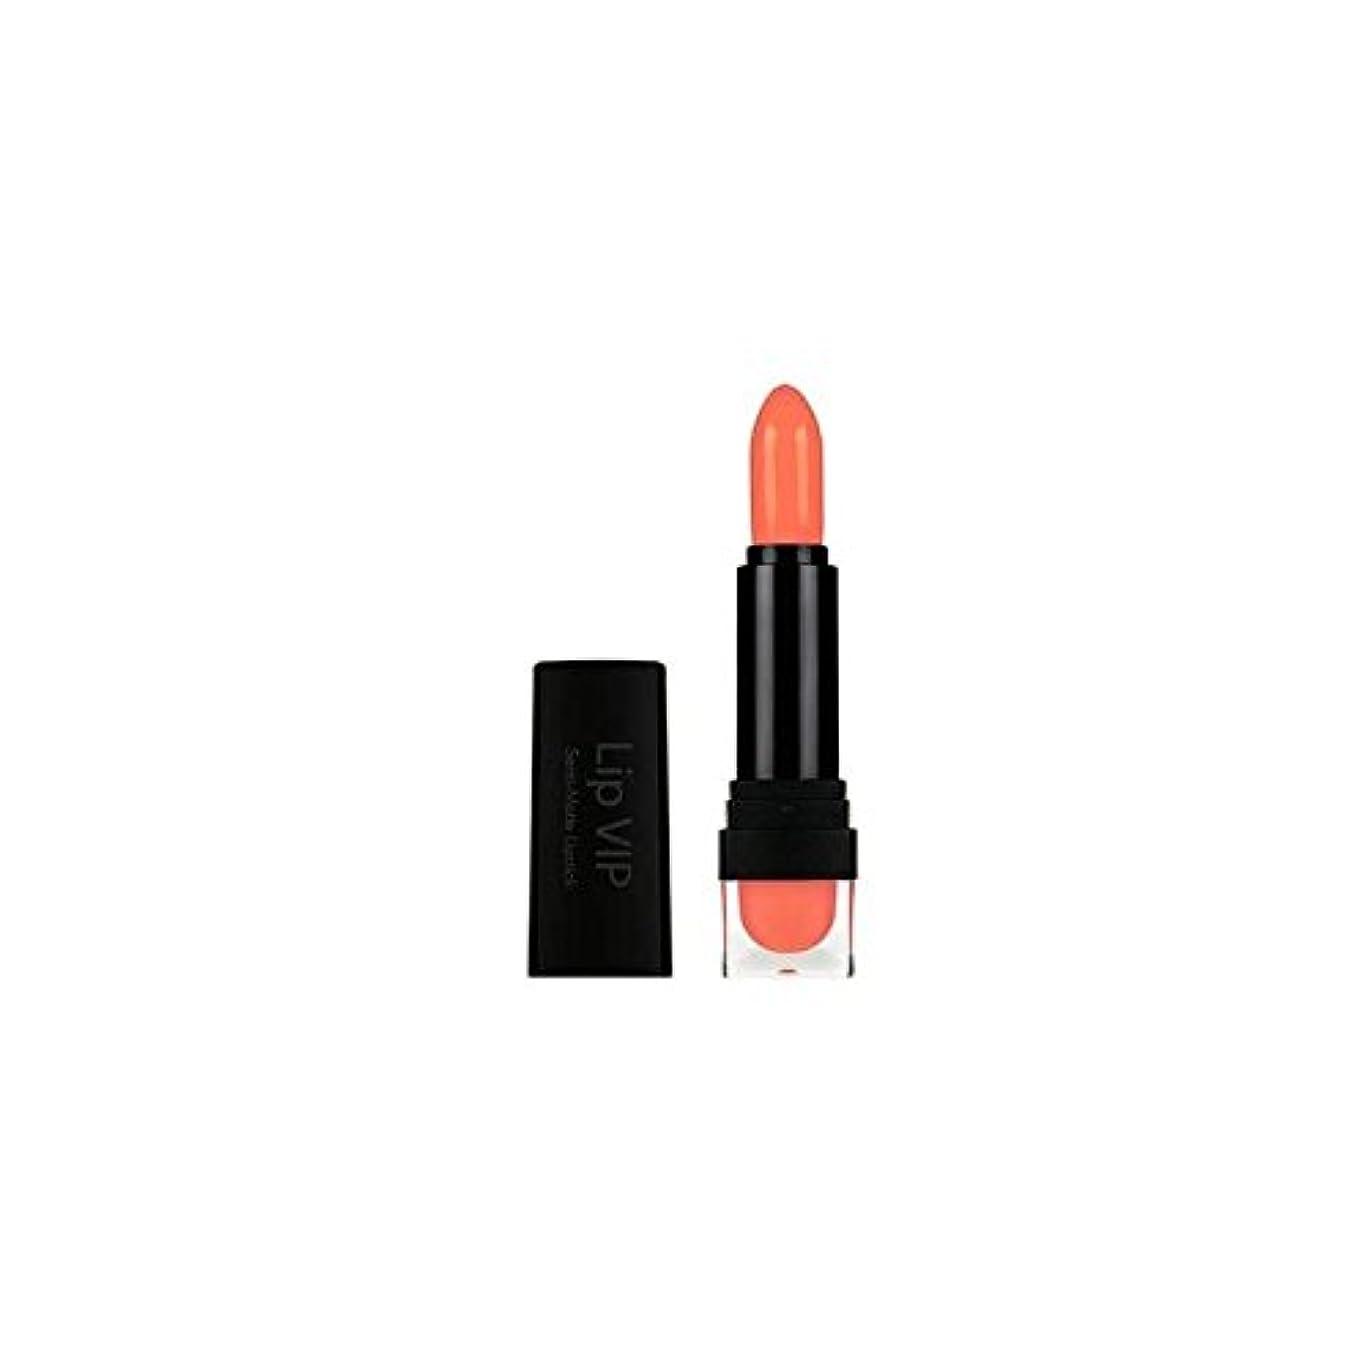 める枠喪なめらかな気まぐれなコレクションリップ..ファンシーパンツ x4 - Sleek Whimsical Collection Lip V.I.P Fancy Pants (Pack of 4) [並行輸入品]